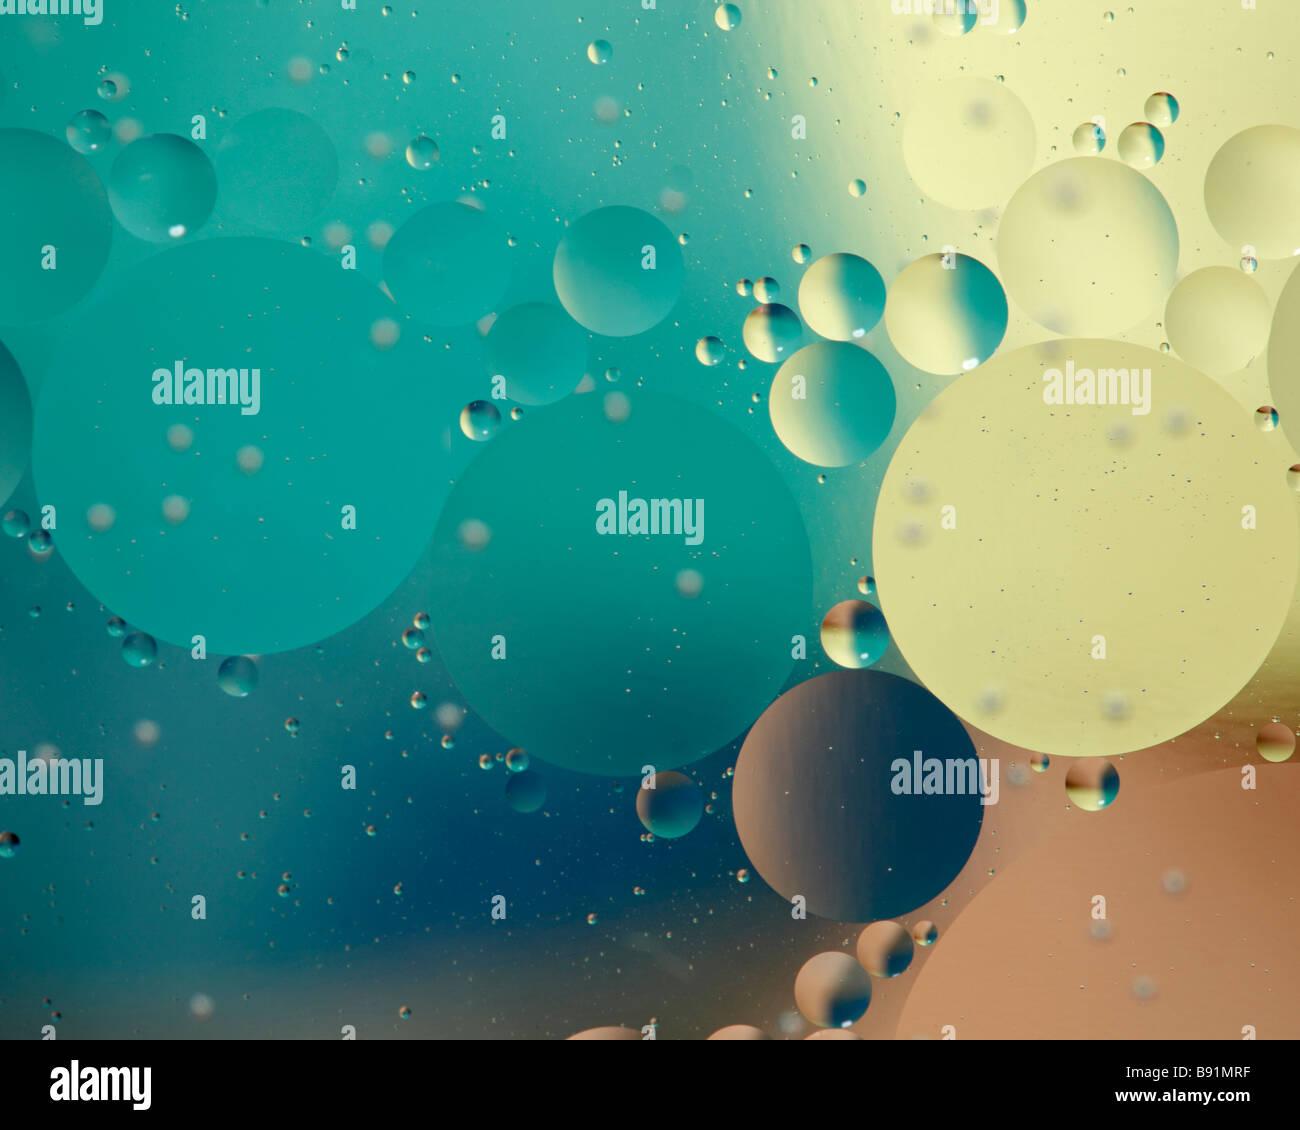 Abstrakte schwimmende Bläschen Stockbild